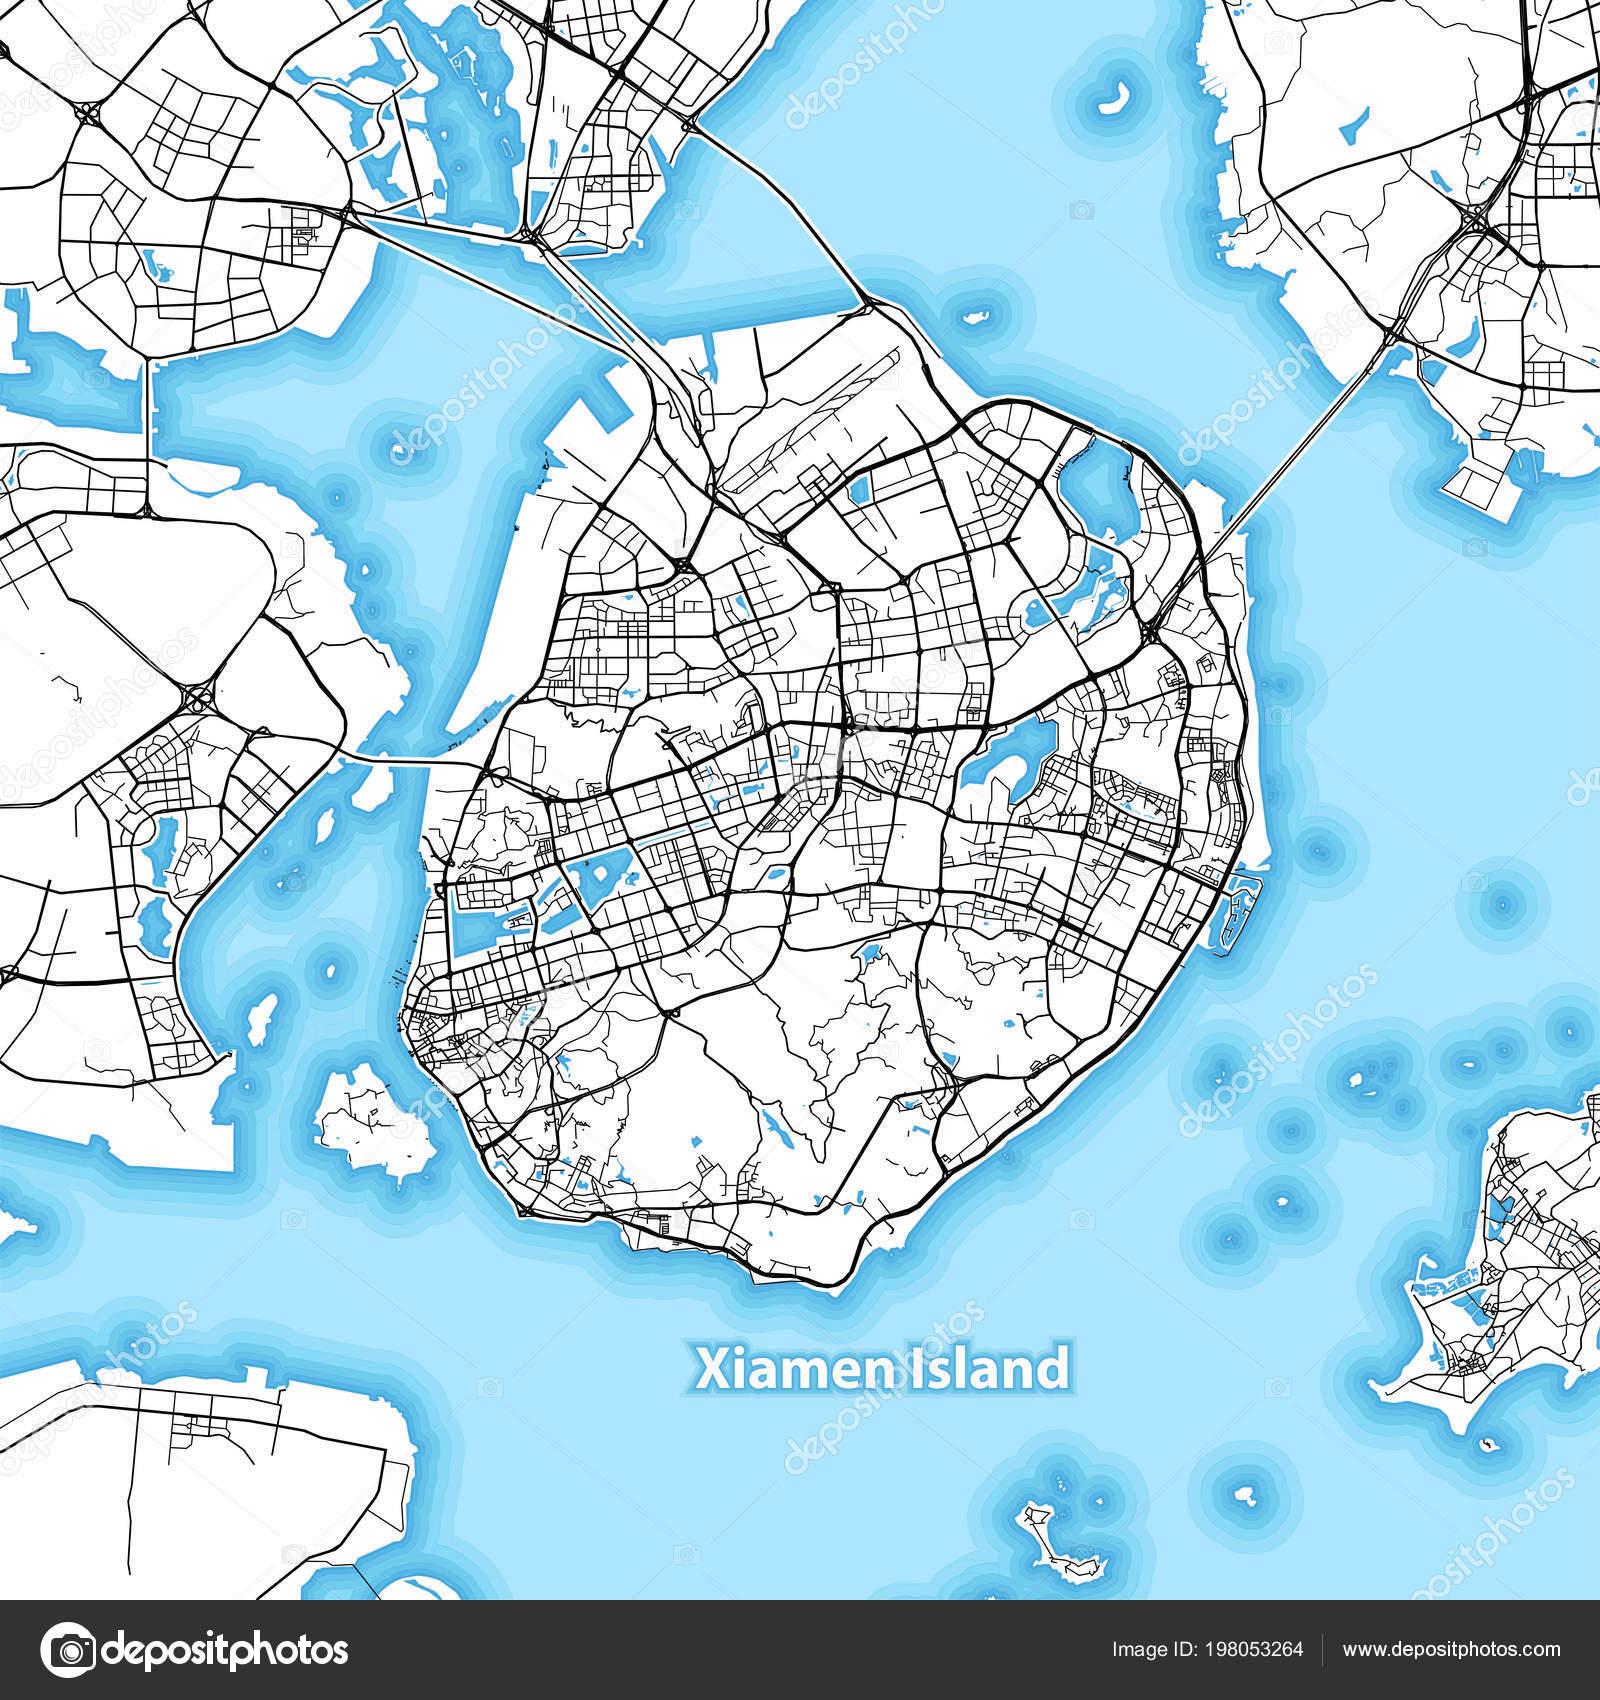 Carte Chine Xiamen.Carte Ile Xiamen Chine Avec Les Grandes Autoroutes Routes